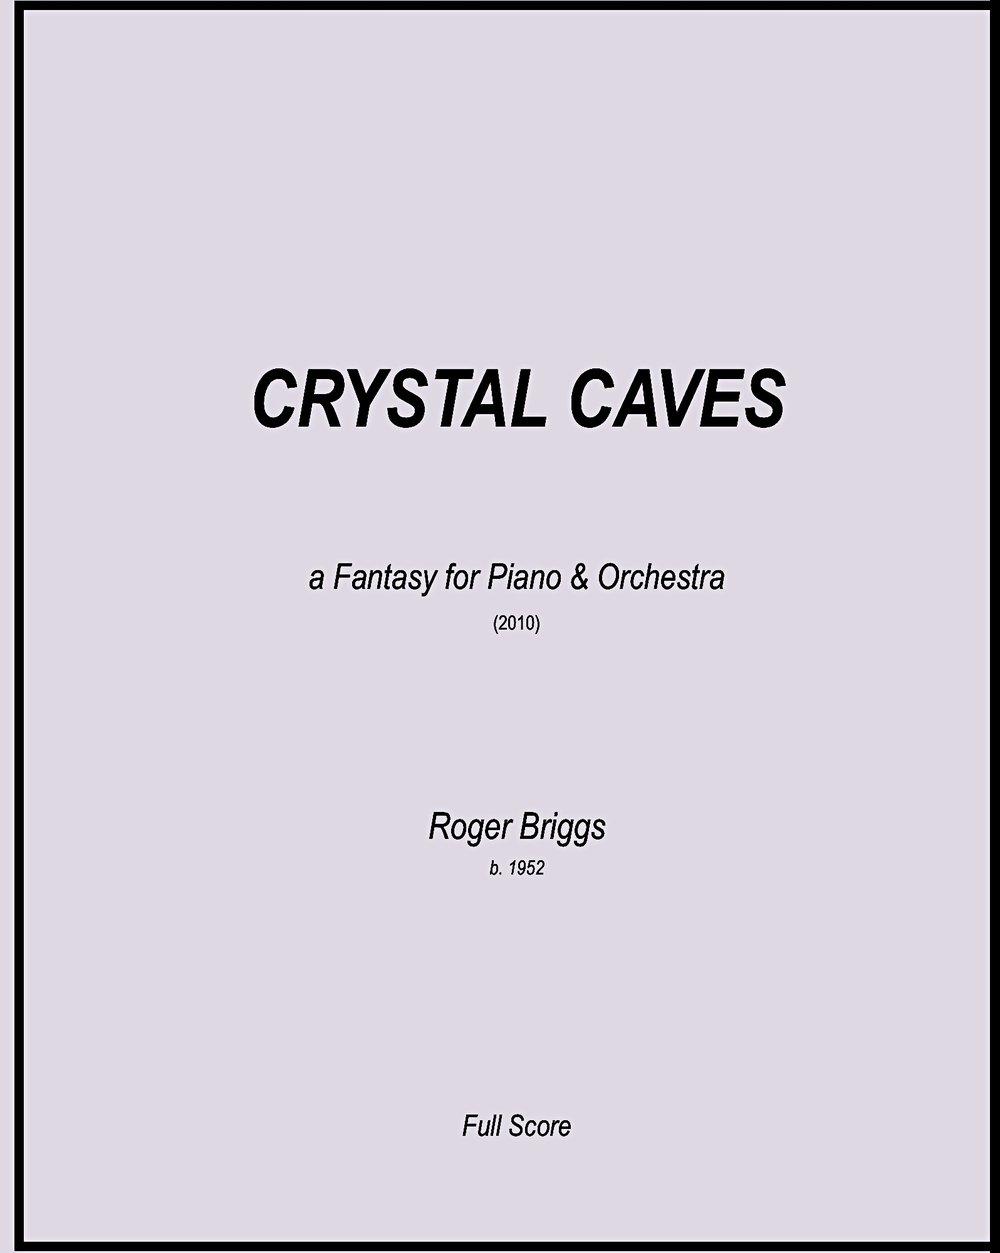 CRYSTAL CAVES p1.jpg